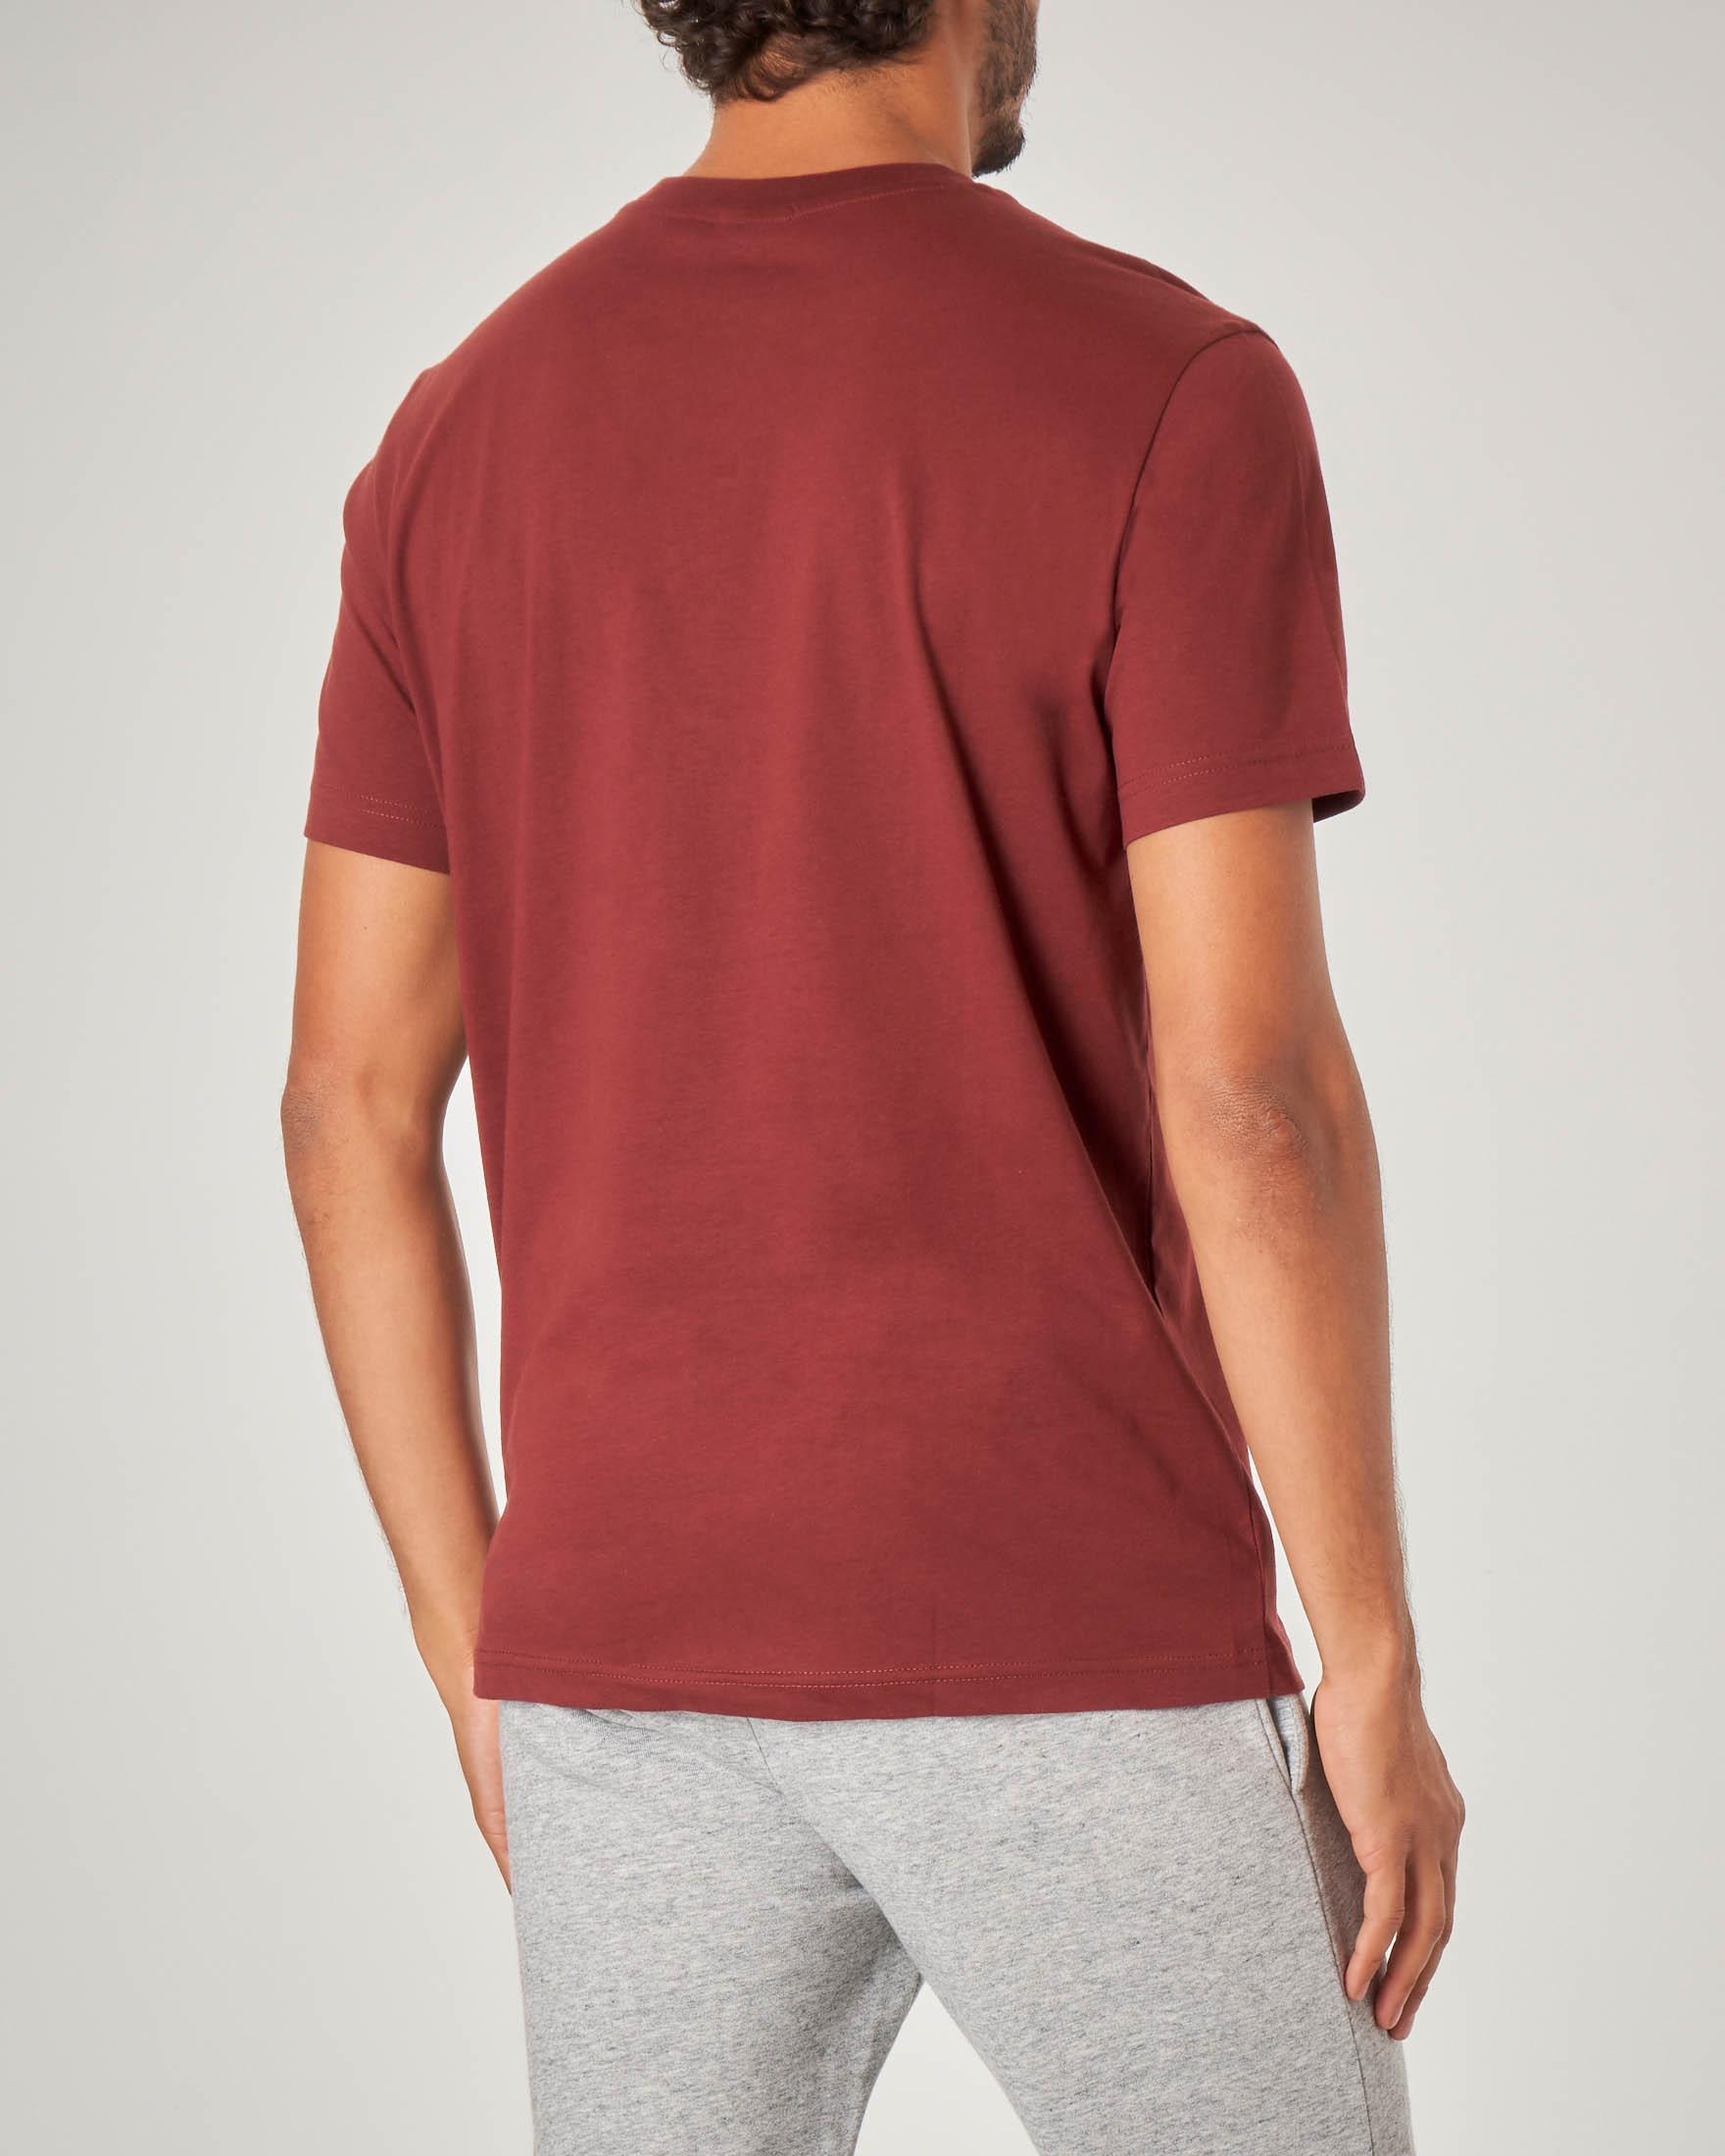 T-shirt bordeaux mezza manica con logo in spugna